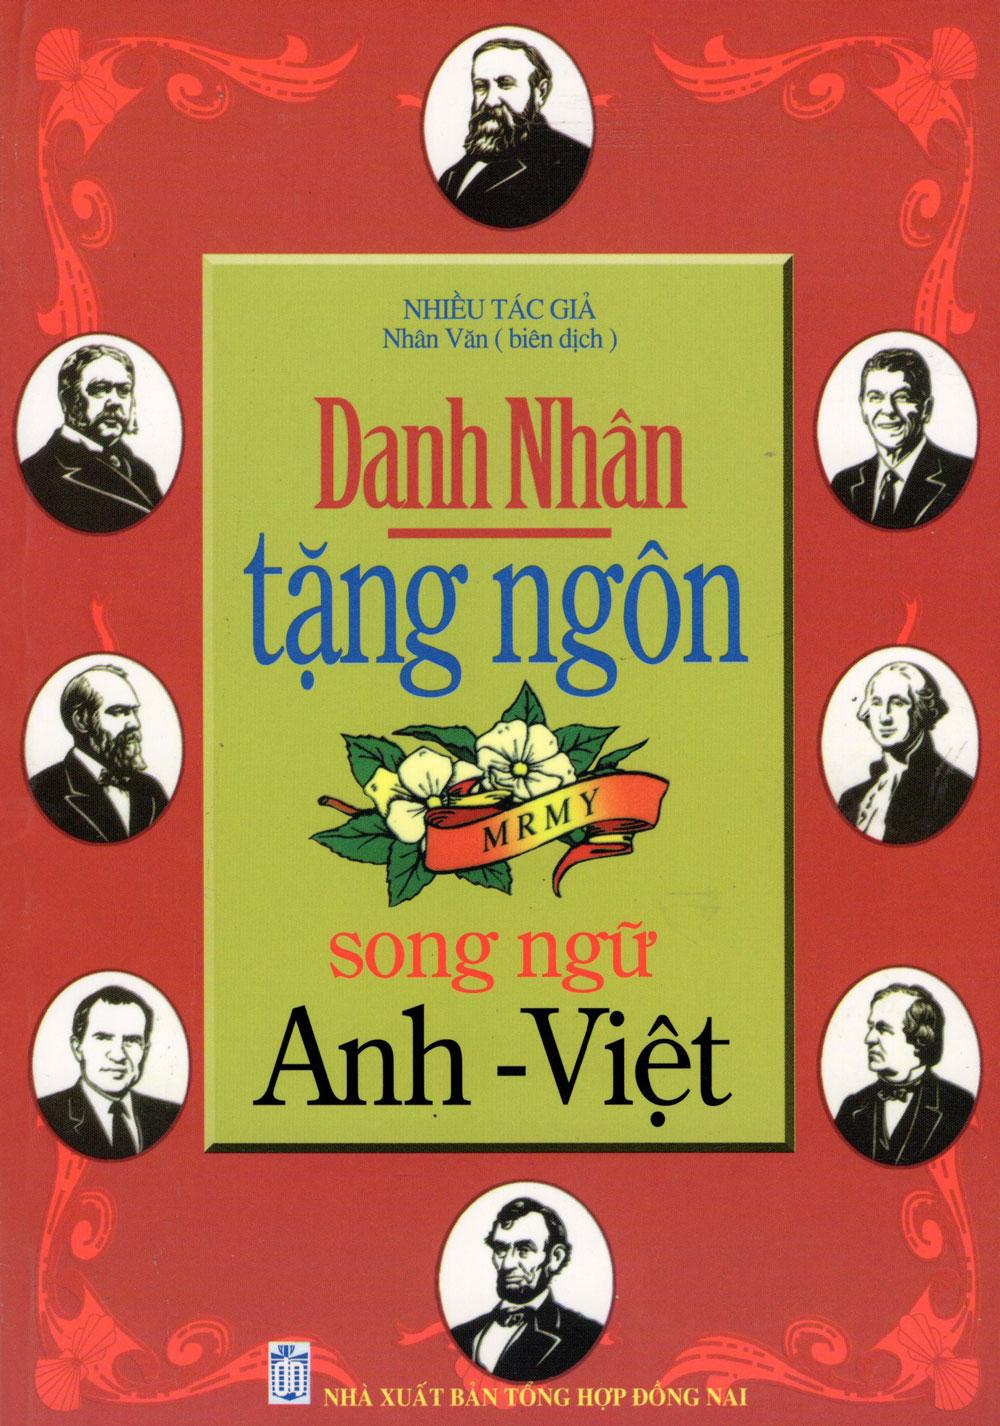 Bìa sách Danh Nhân Tặng Ngôn (Song Ngữ Anh - Việt)